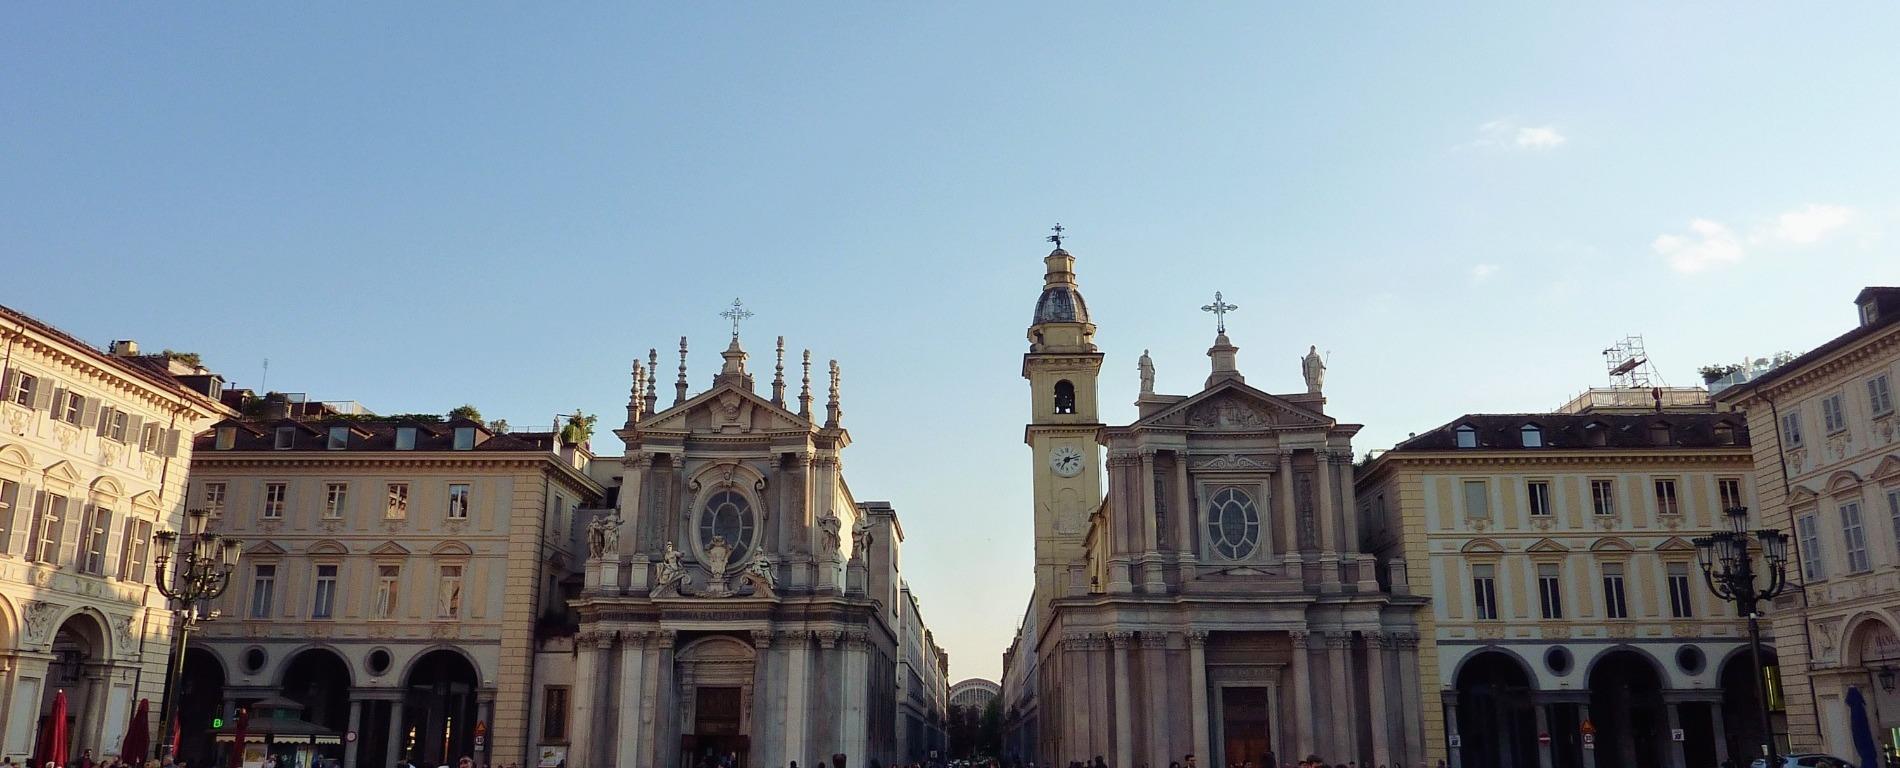 Piazza Carlo Alberto, Turin